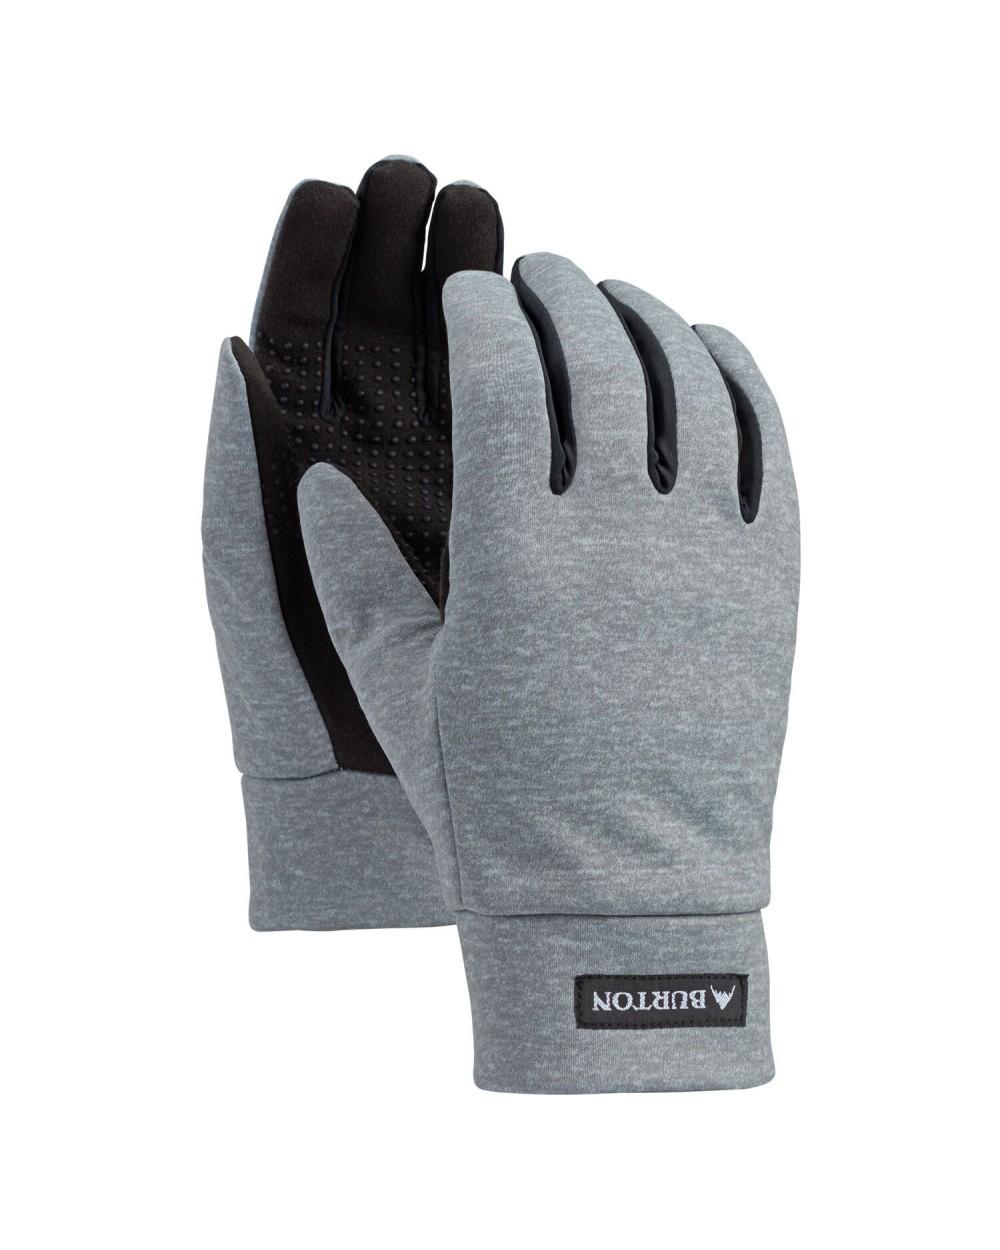 Burton Touch N Go Liner Glove - Gray Heather